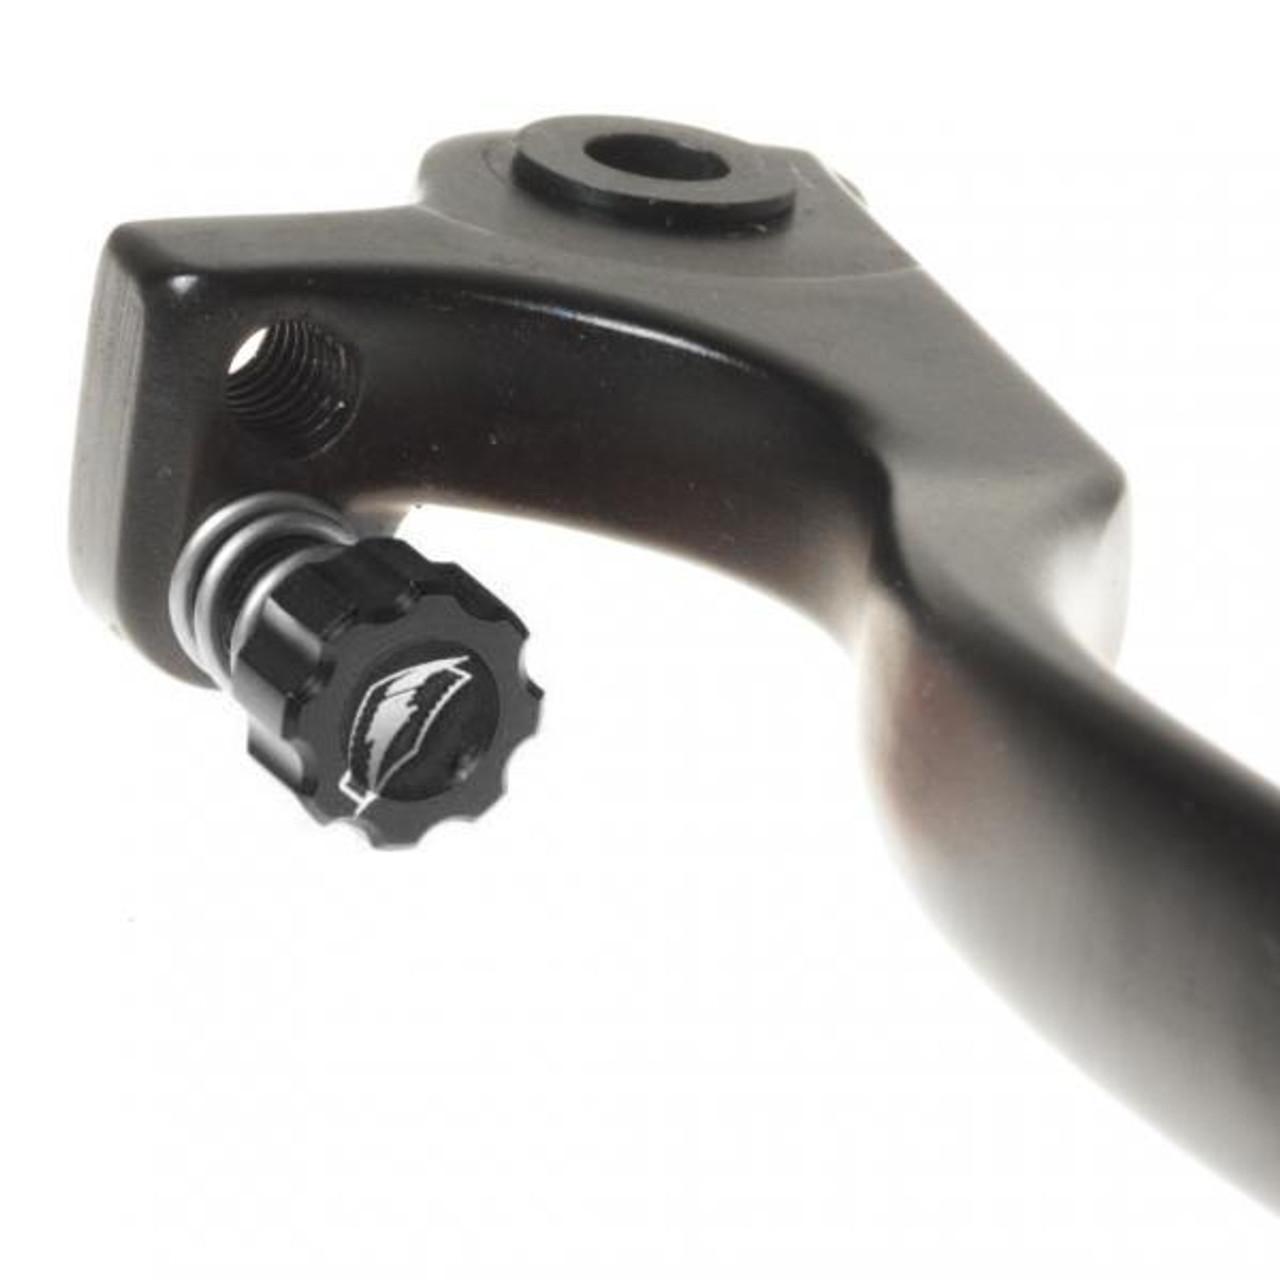 Brake lever for Beta Rev/Evo 05-16, black/black